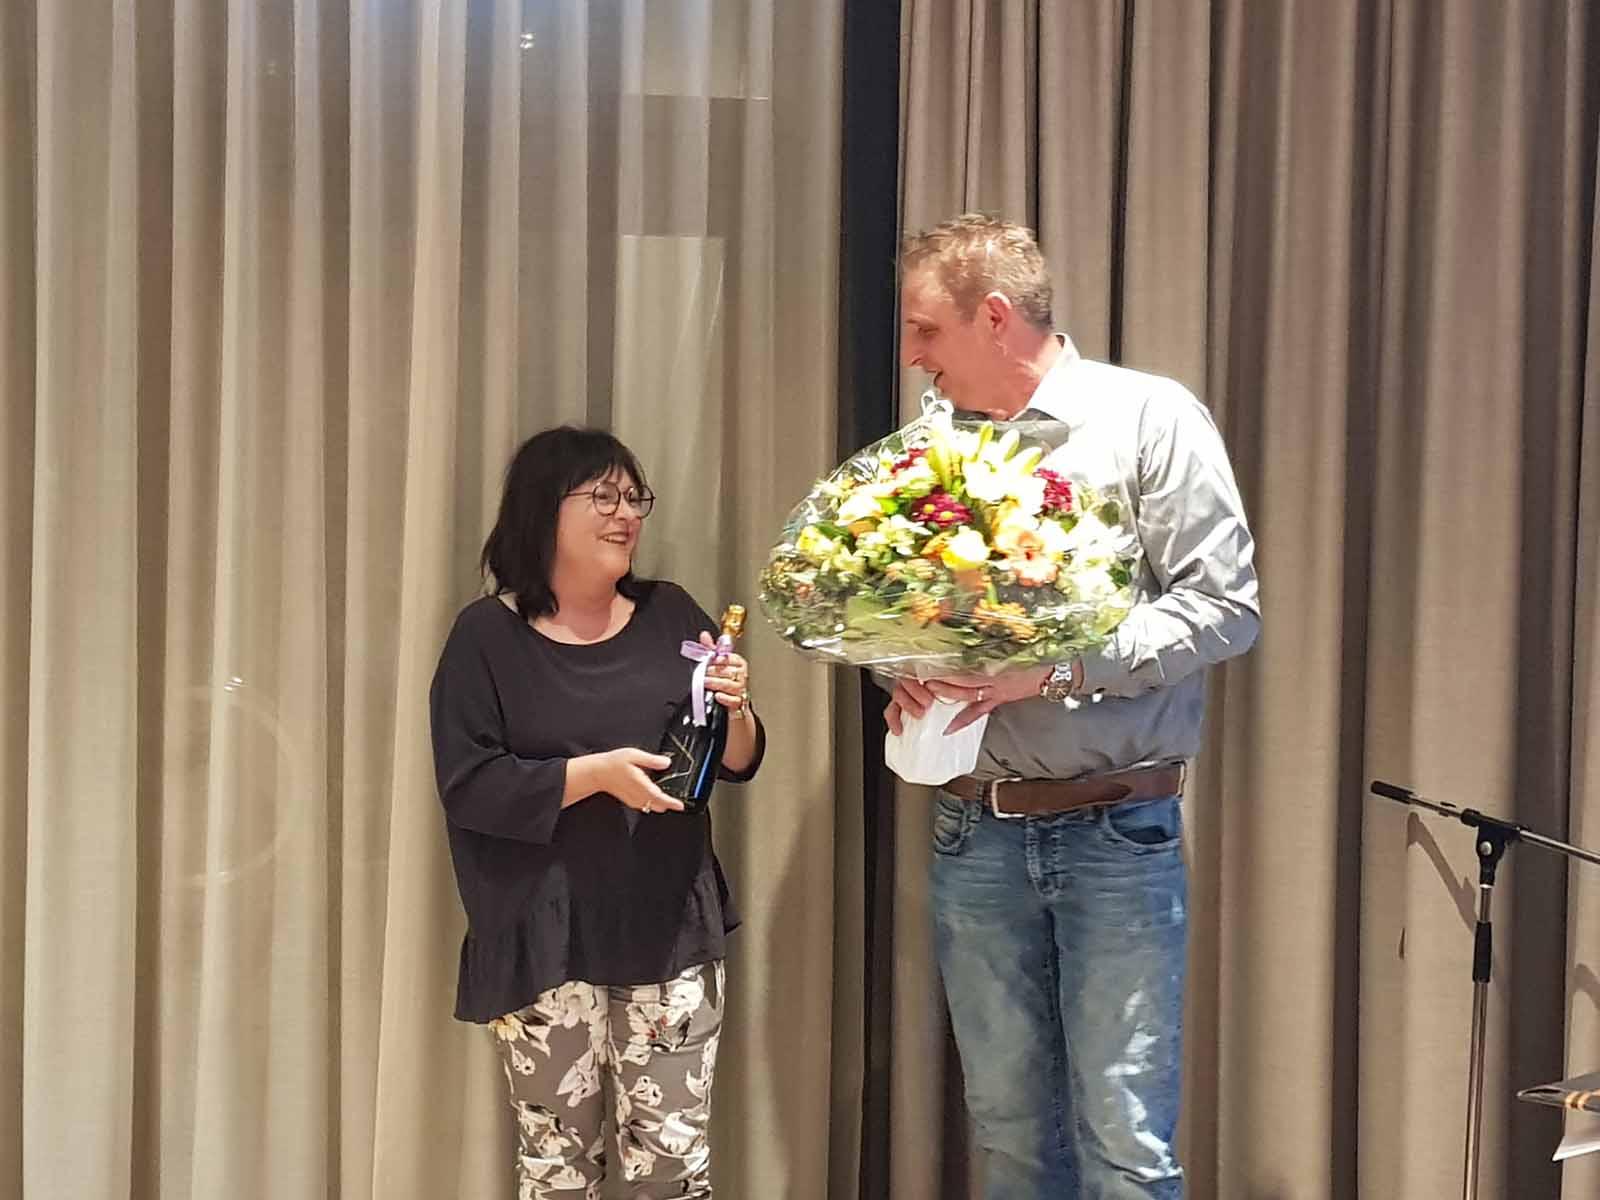 Zum Abschied im Rampenlicht: Daniela Züst erhält nach 14 Jahren im Vorstand verdiente Geschenke und Dankesworte.